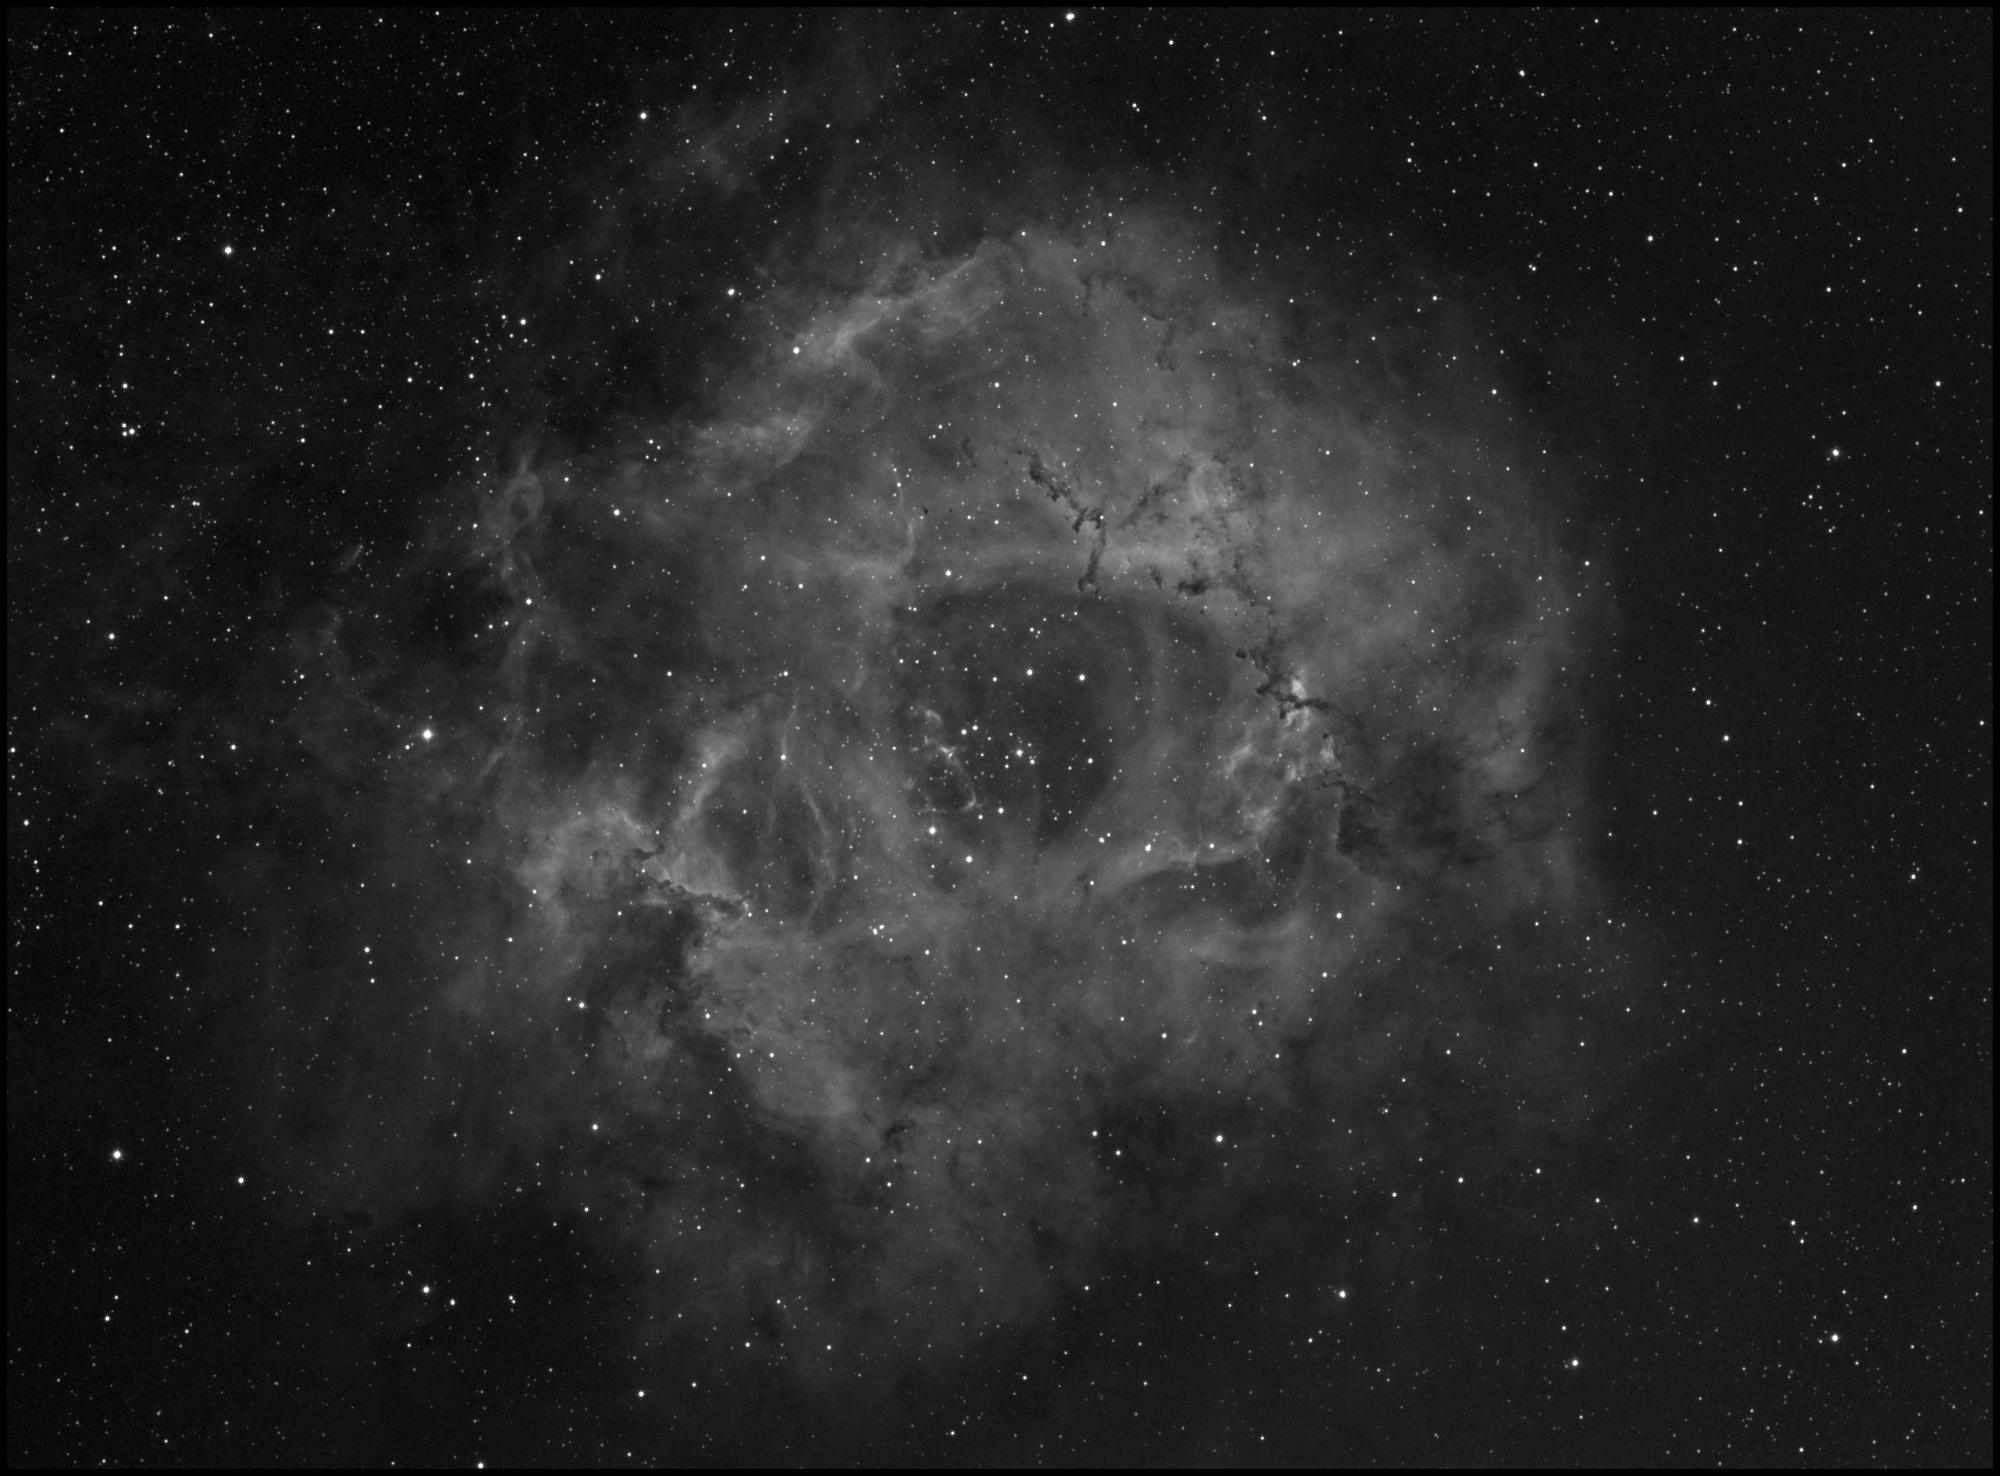 ngc2244-Rosette-2019.jpg